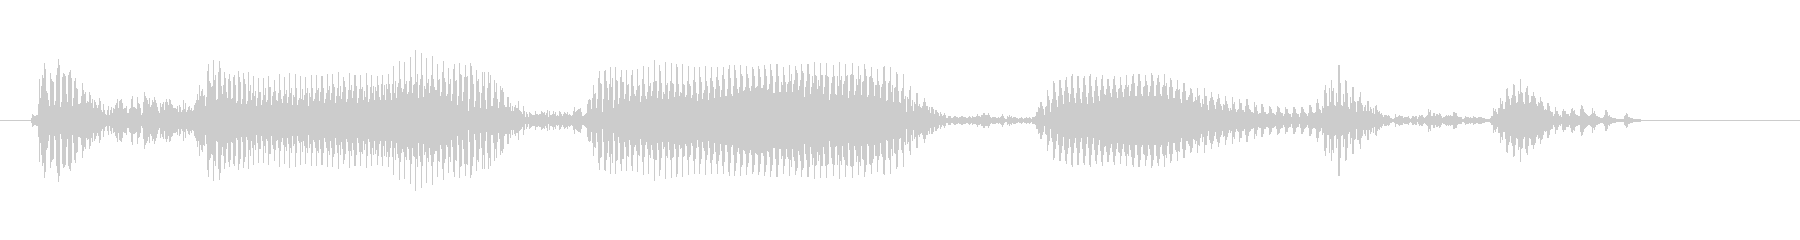 えへへへ 幼児(1~2歳)笑い声 の未再生の波形